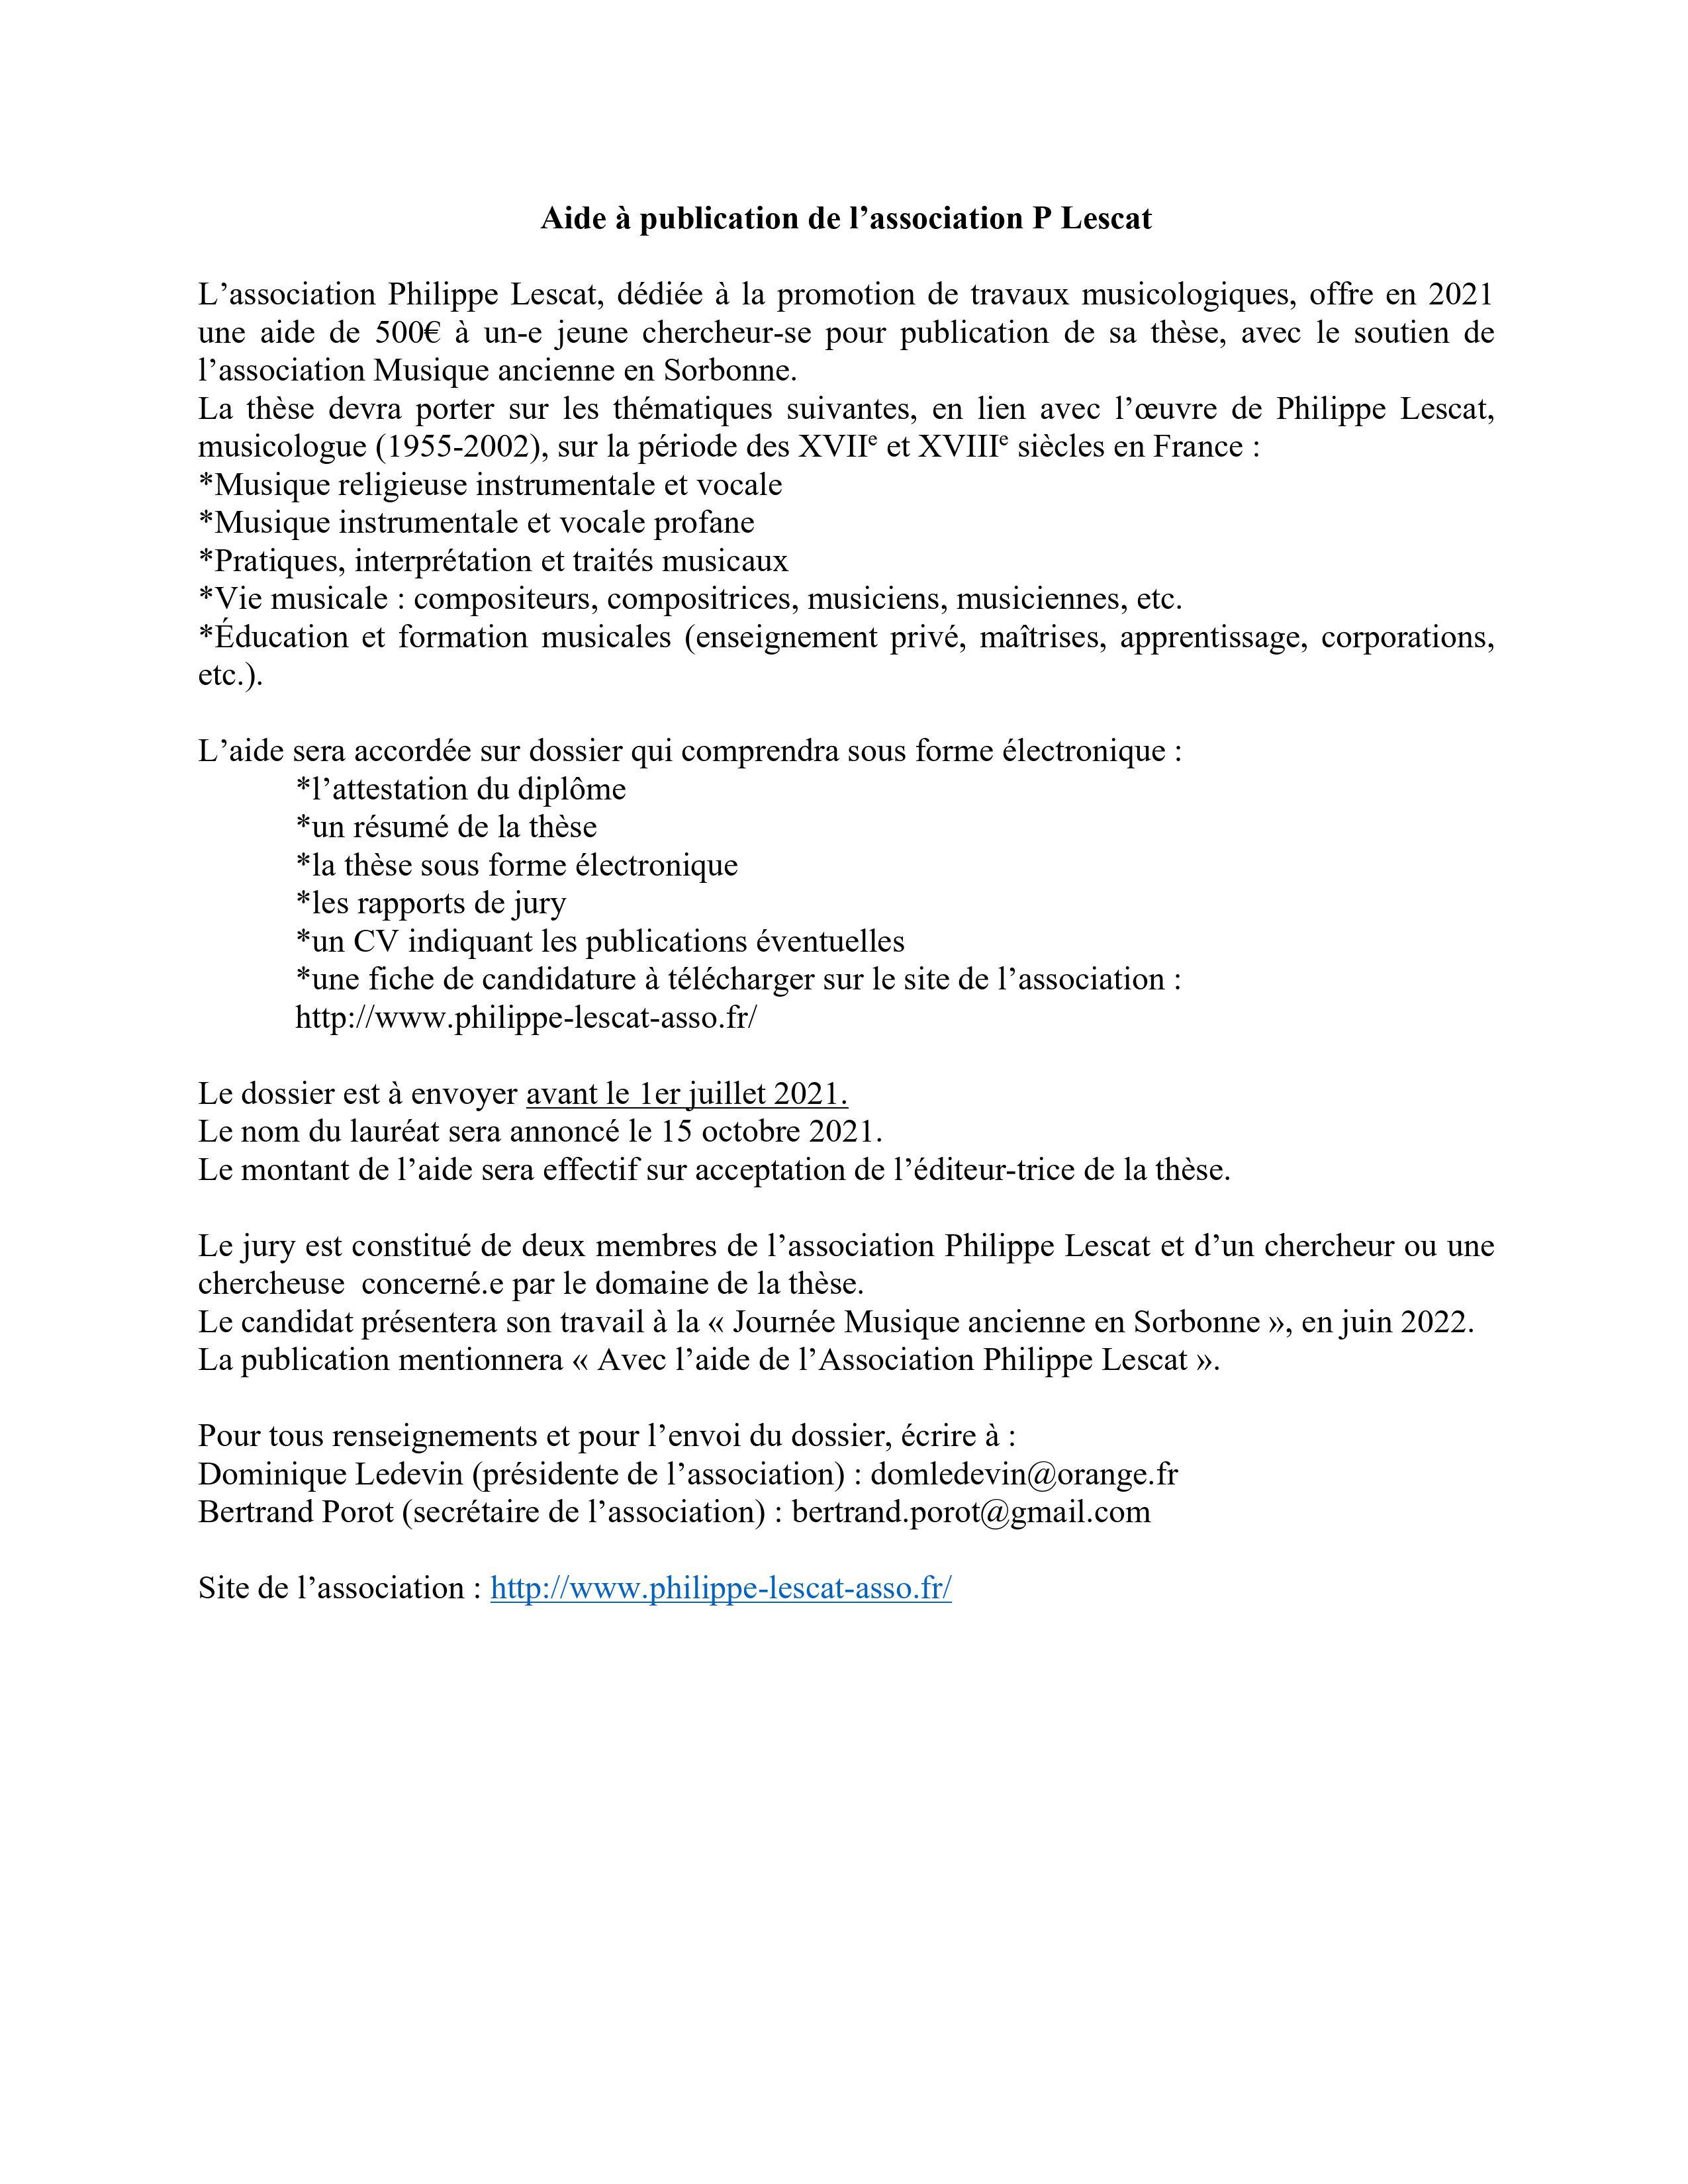 Aide à publication de l'association P. Lescat}